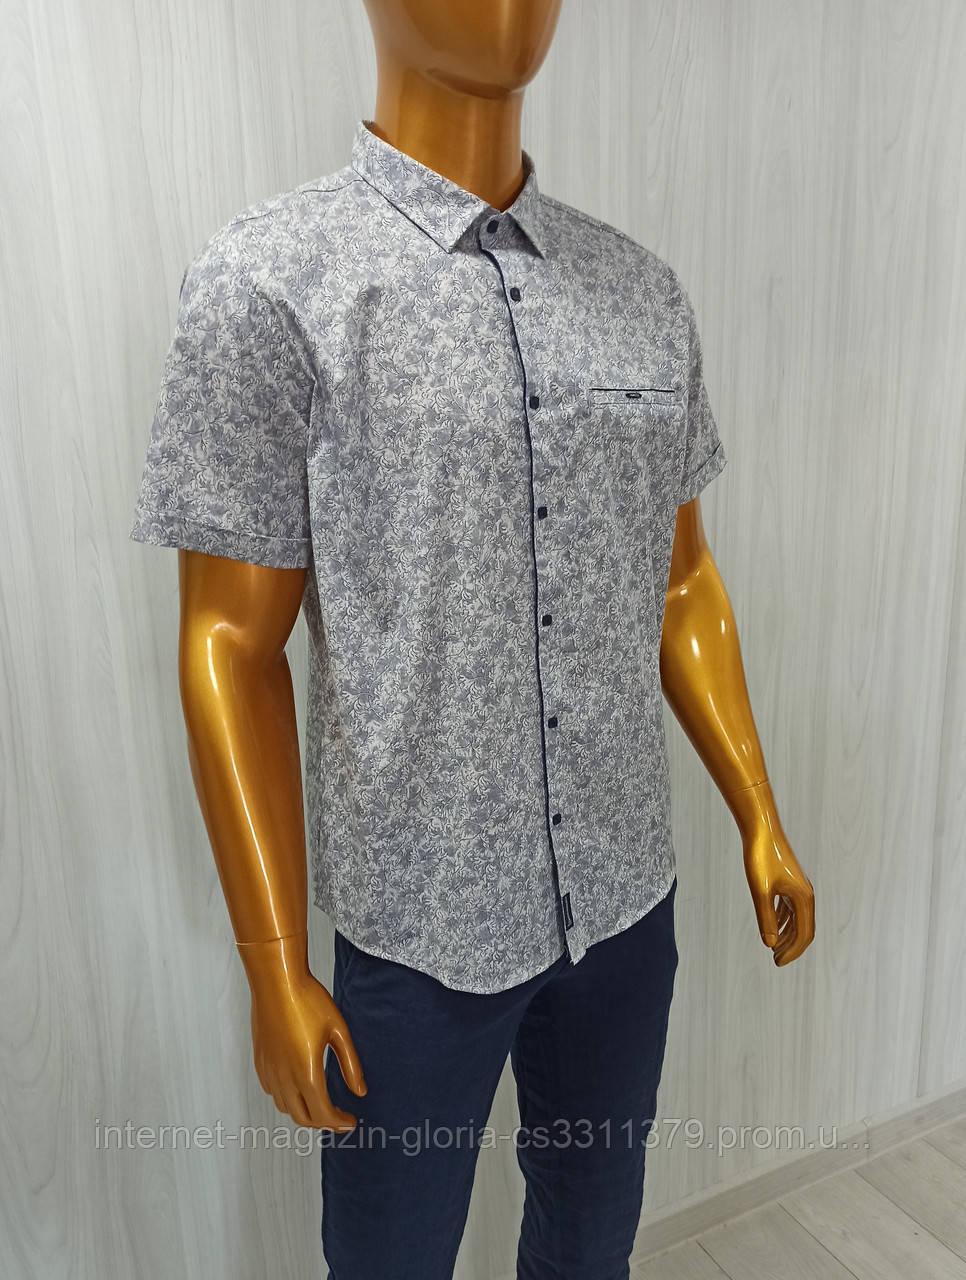 Мужская рубашка Amato. AG29836. Размеры: 2XL,3XL,4XL,5XL.